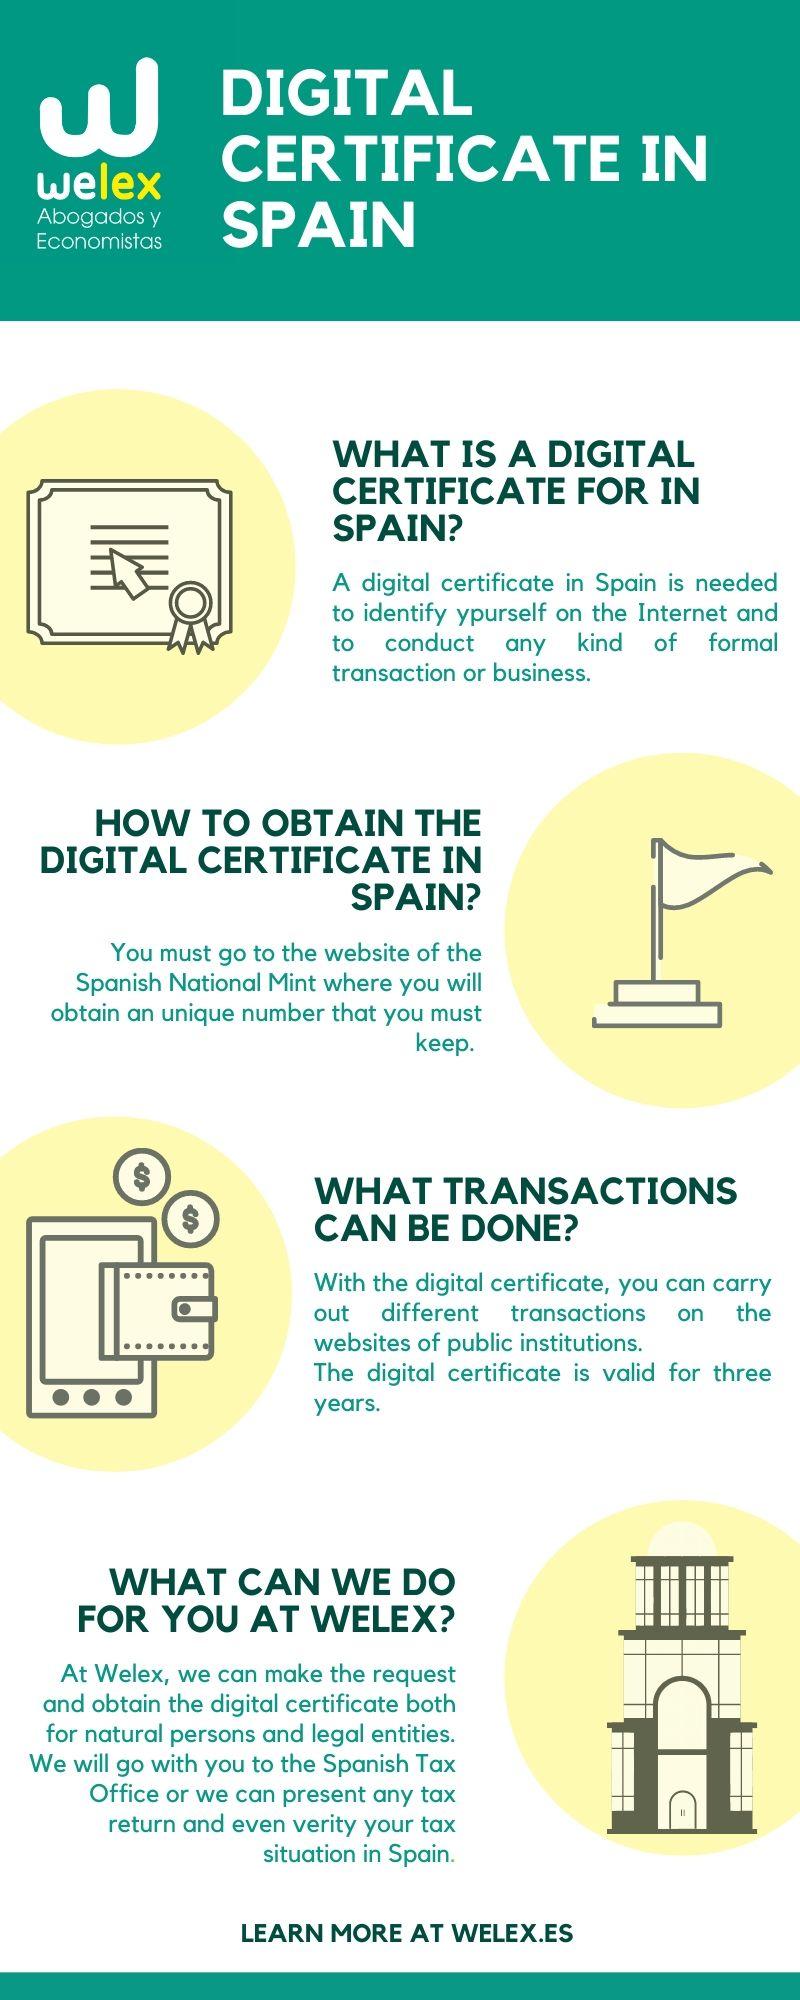 Digital Certificate in Spain